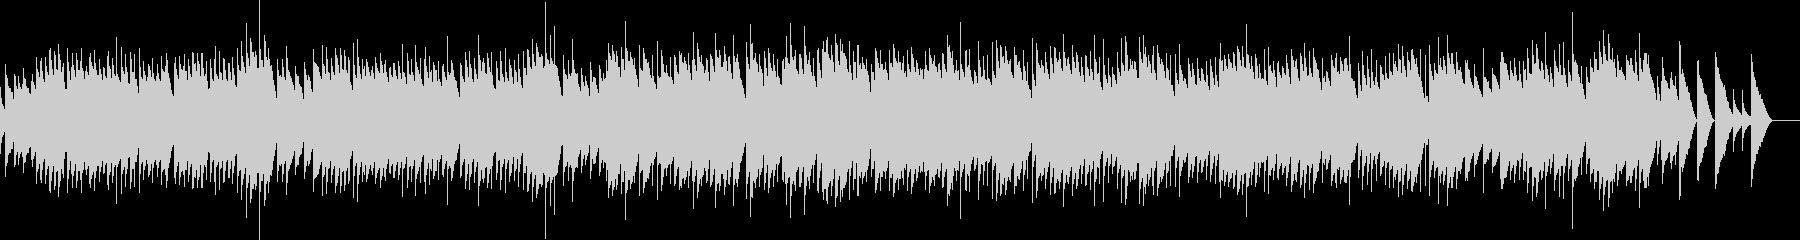 エルガー 愛の挨拶 (オルゴール)の未再生の波形